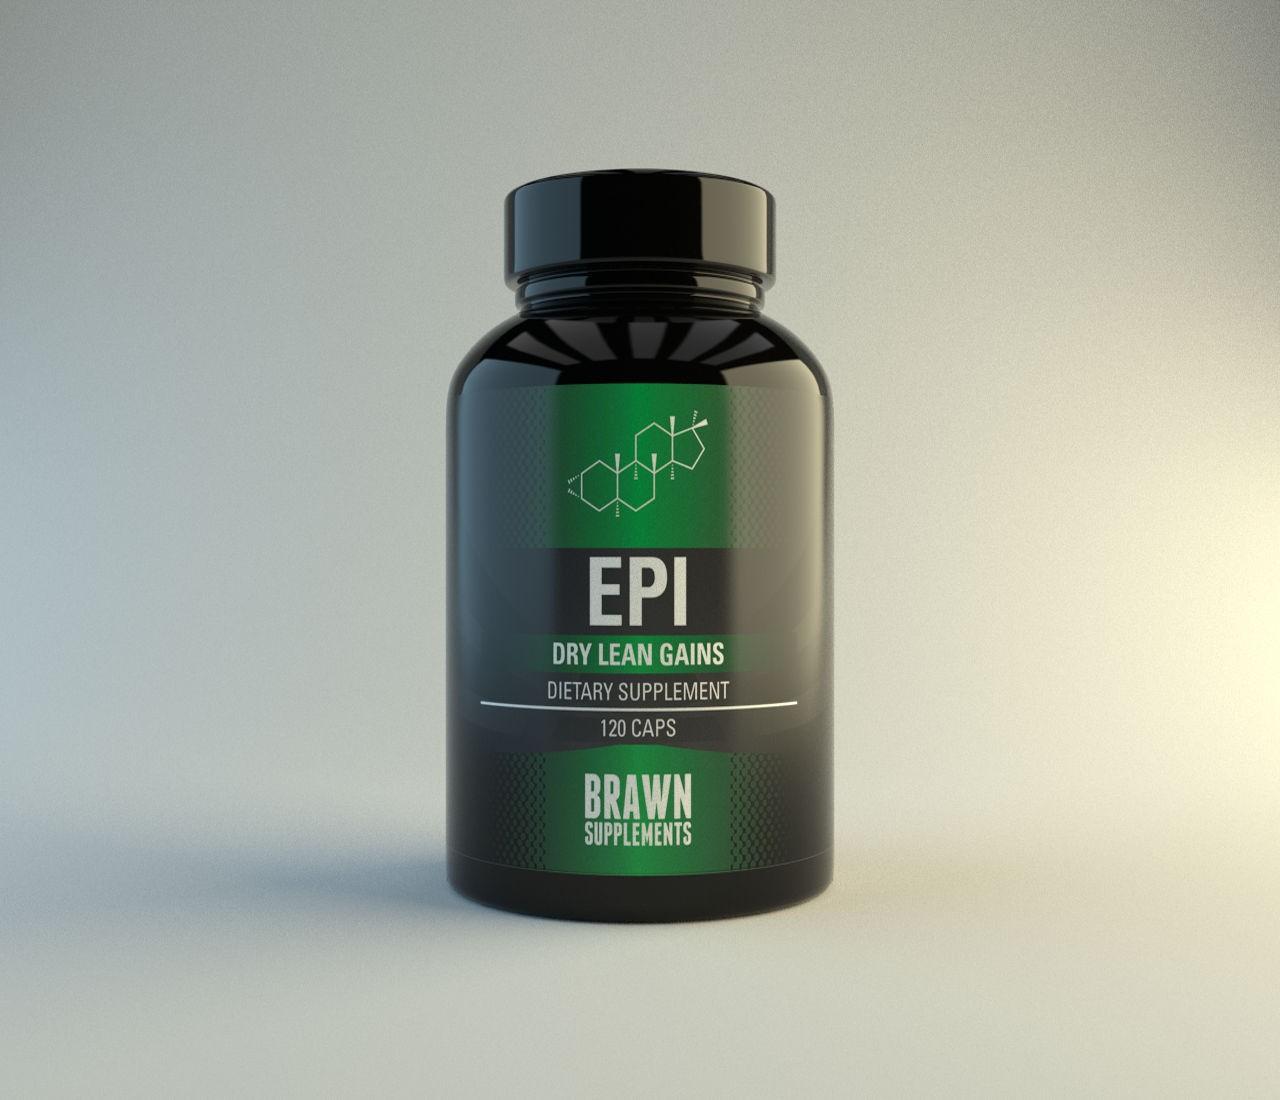 Brawnnutrition EPI